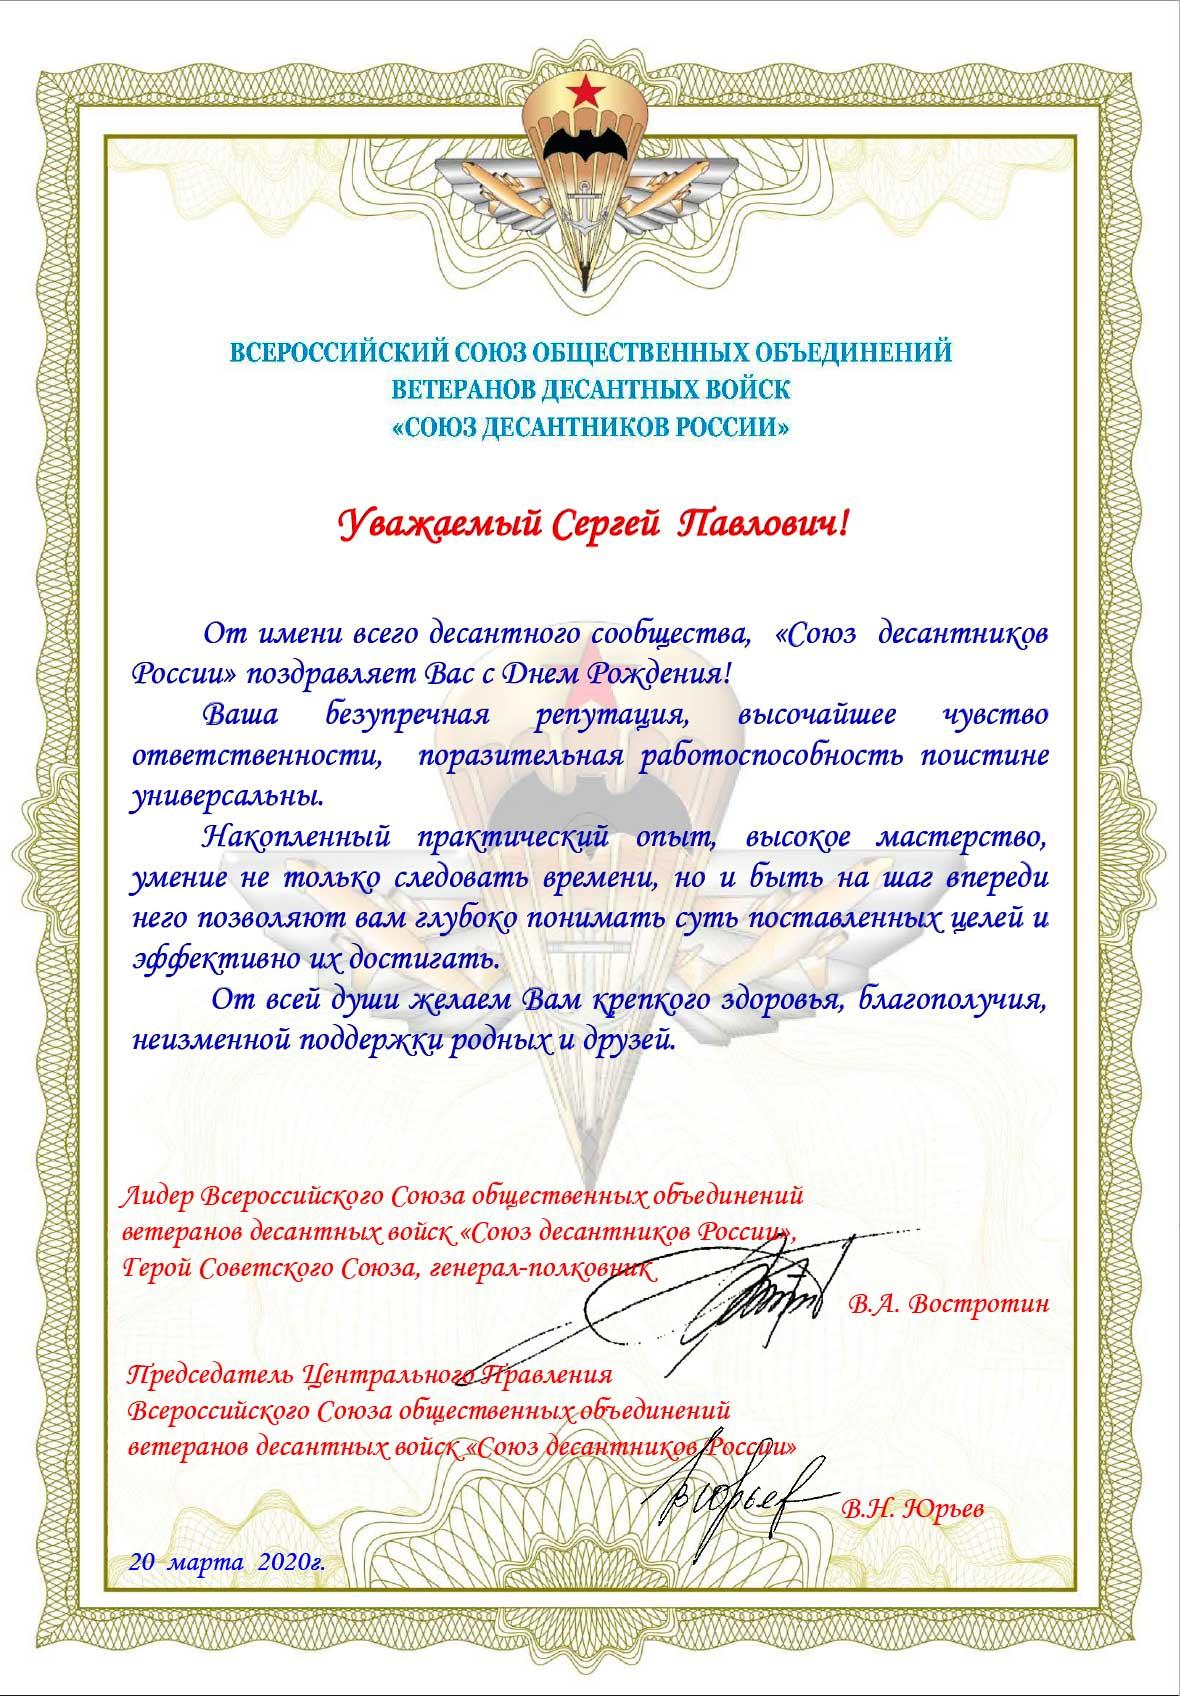 ПОЗДРАВЛЯЕМ С ДНЕМ РОЖДЕНИЯ ЧЛЕНА ПОПЕЧИТЕЛЬСКОГО СОВЕТА СДР генерал-майора ХАРЕБИНА СЕРГЕЯ ПАВЛОВИЧА!